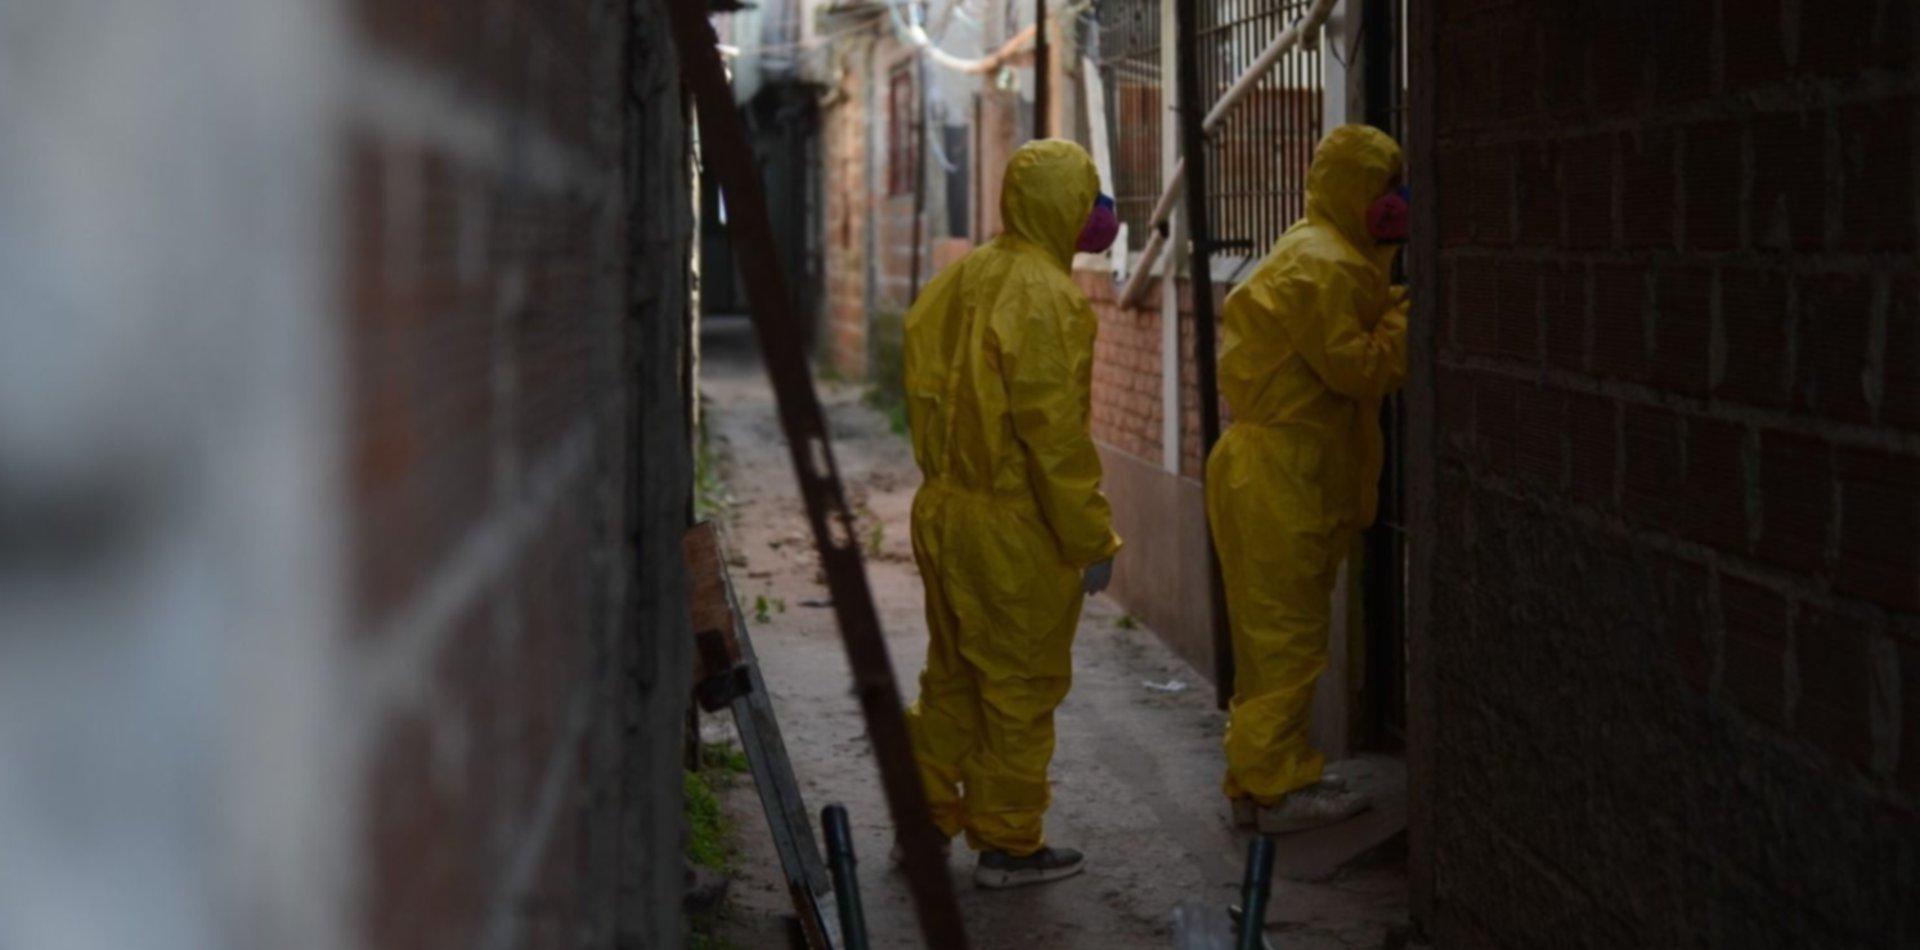 Detectaron 22 casos sospechosos de coronavirus en un operativo casa por casa en Ensenada